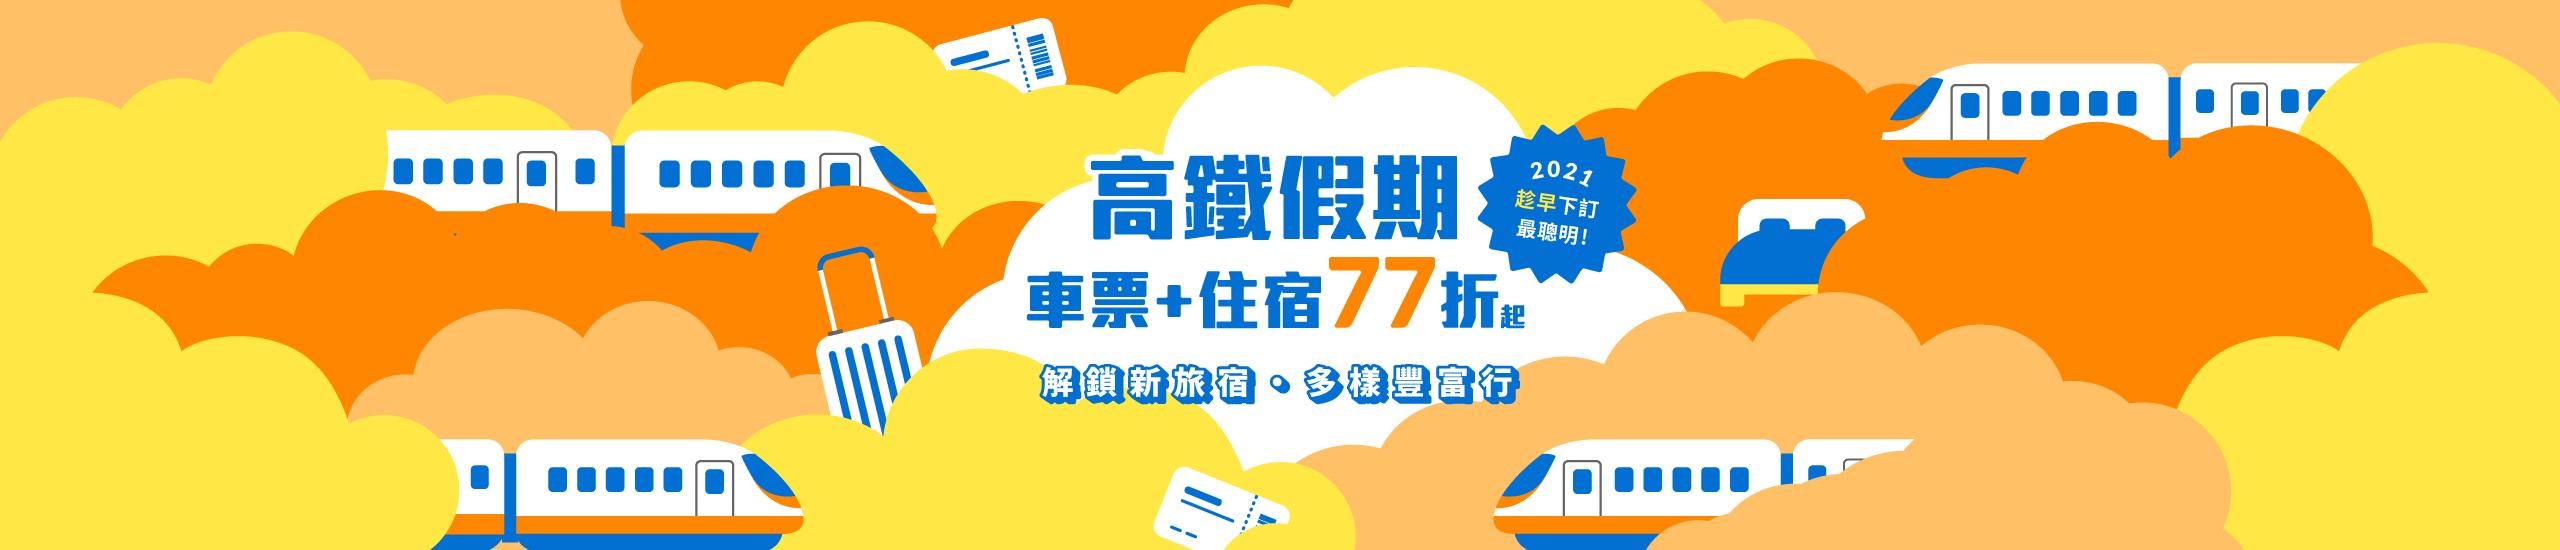 高鐵假期推薦新選,解鎖特色旅宿二日自由行$1,430元起